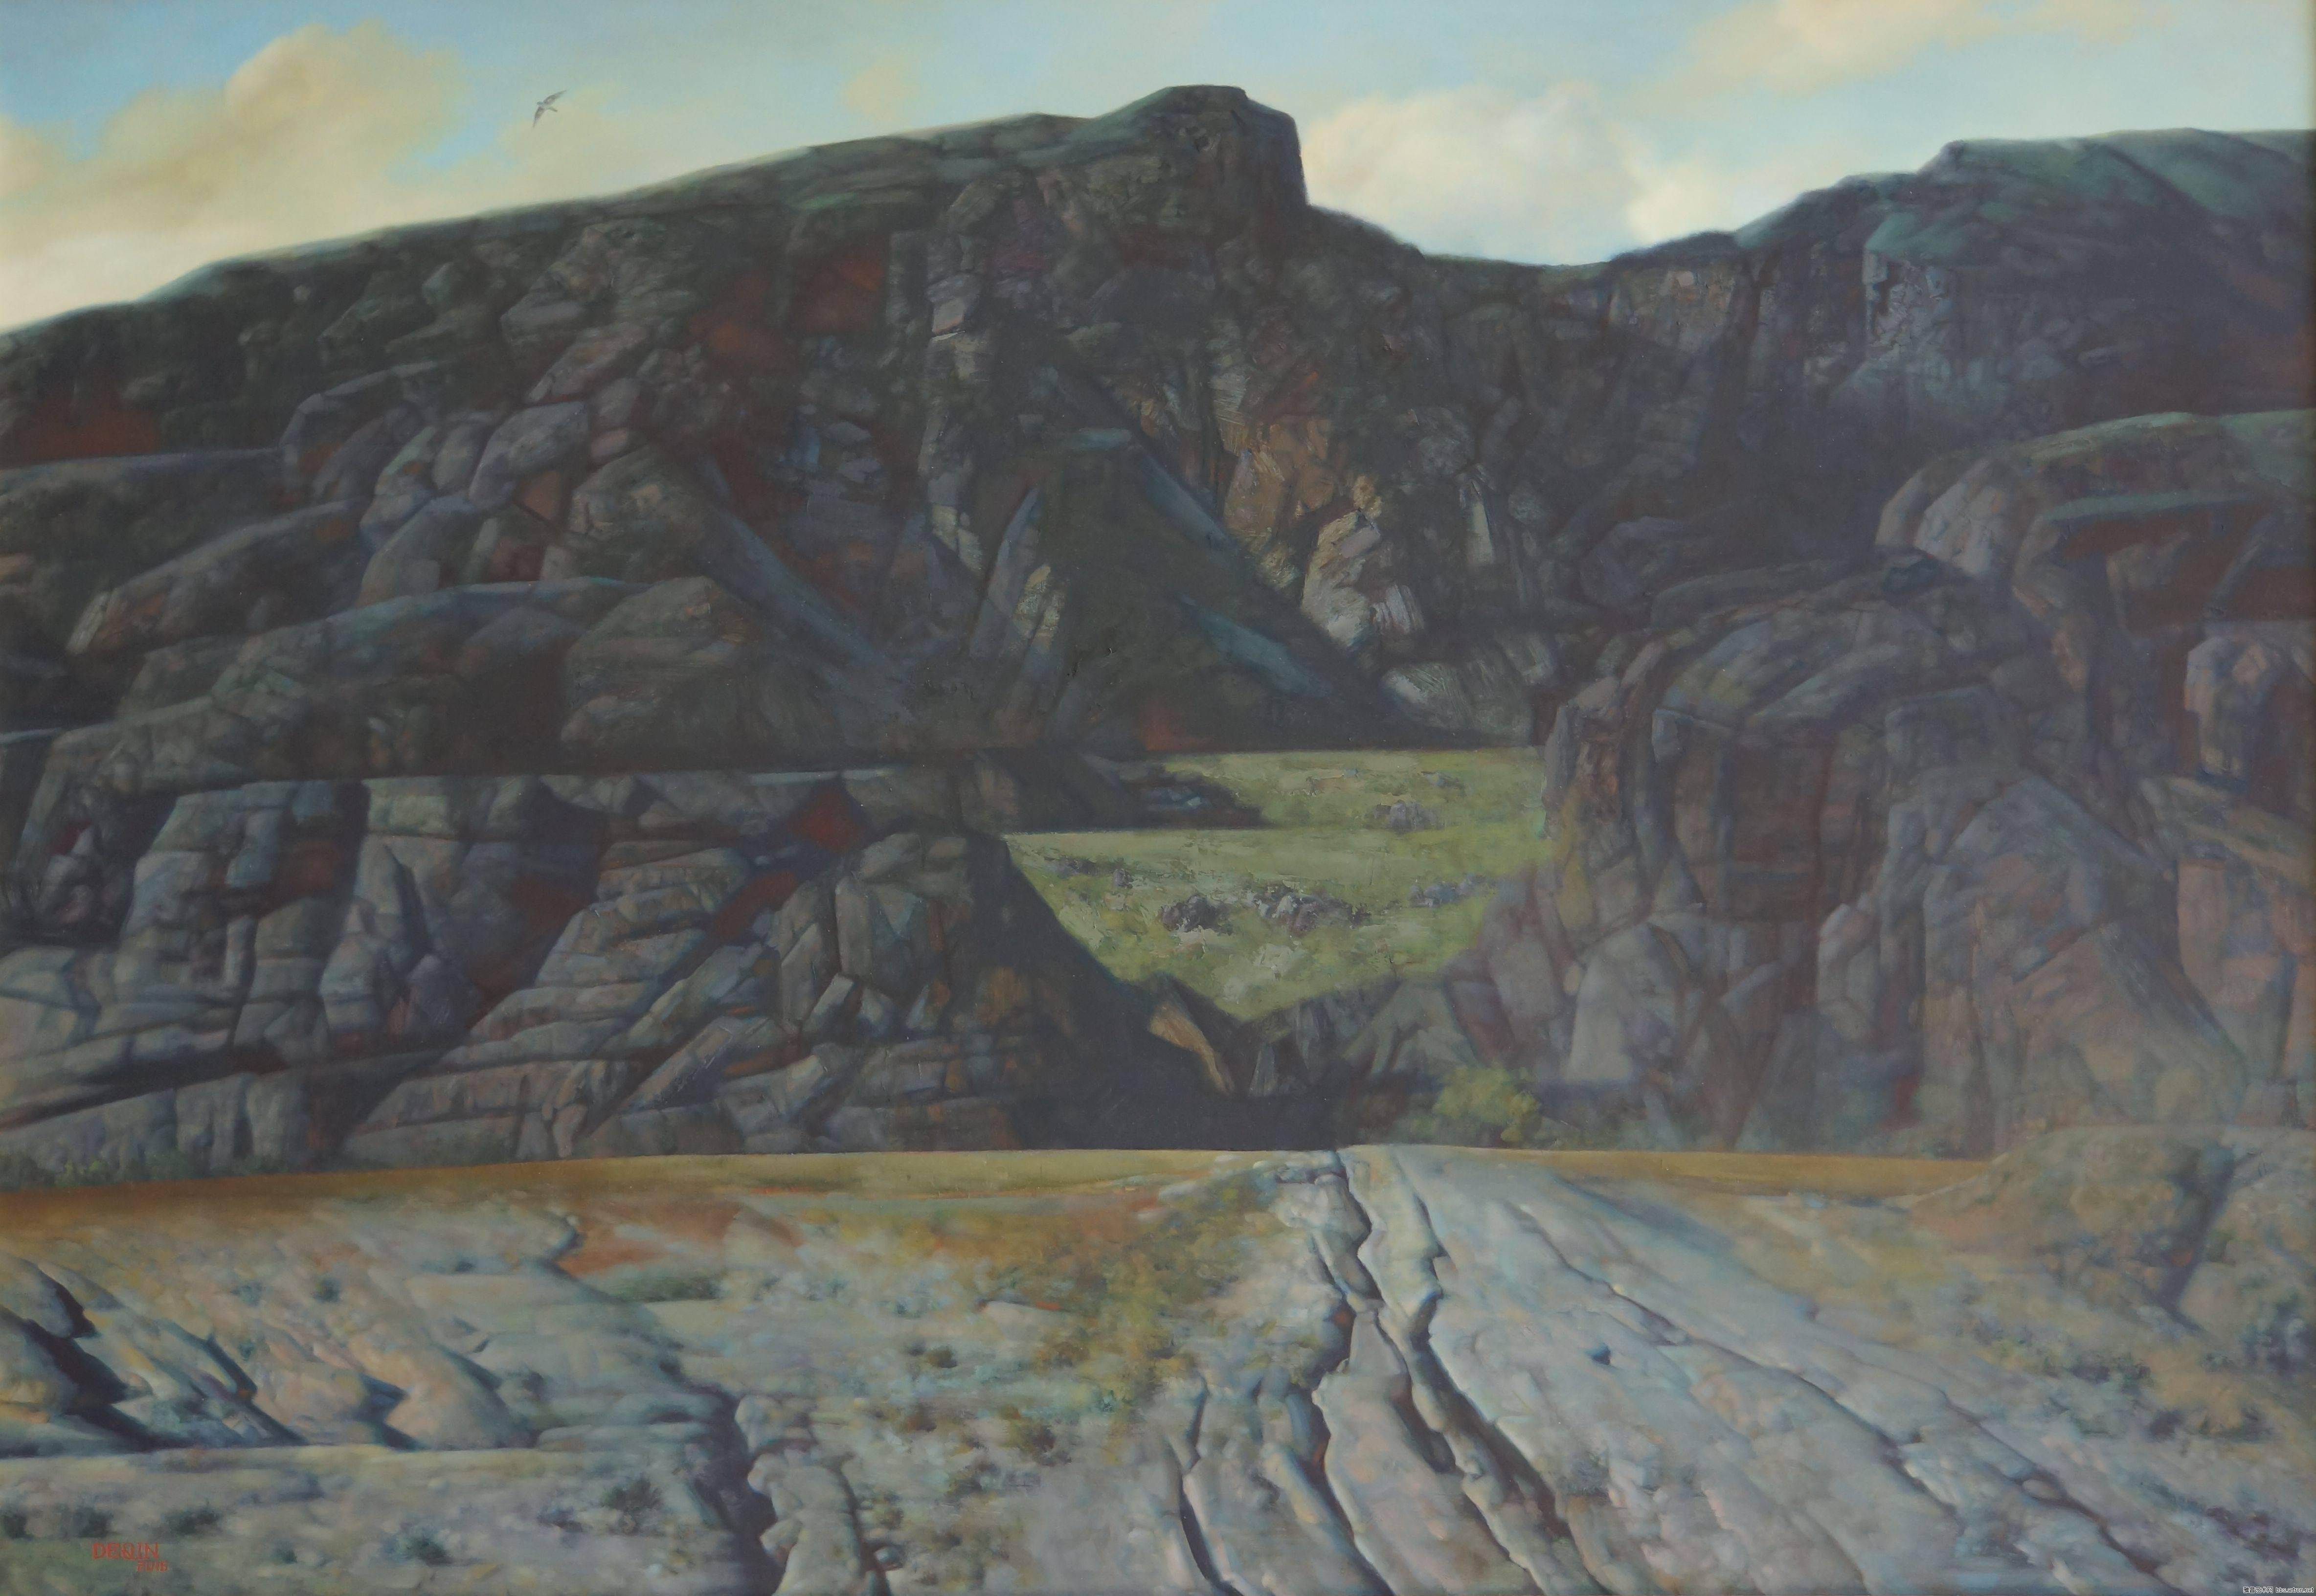 德钦老师的油画  蒙古草原 系列阿鲁科尔沁 第2张